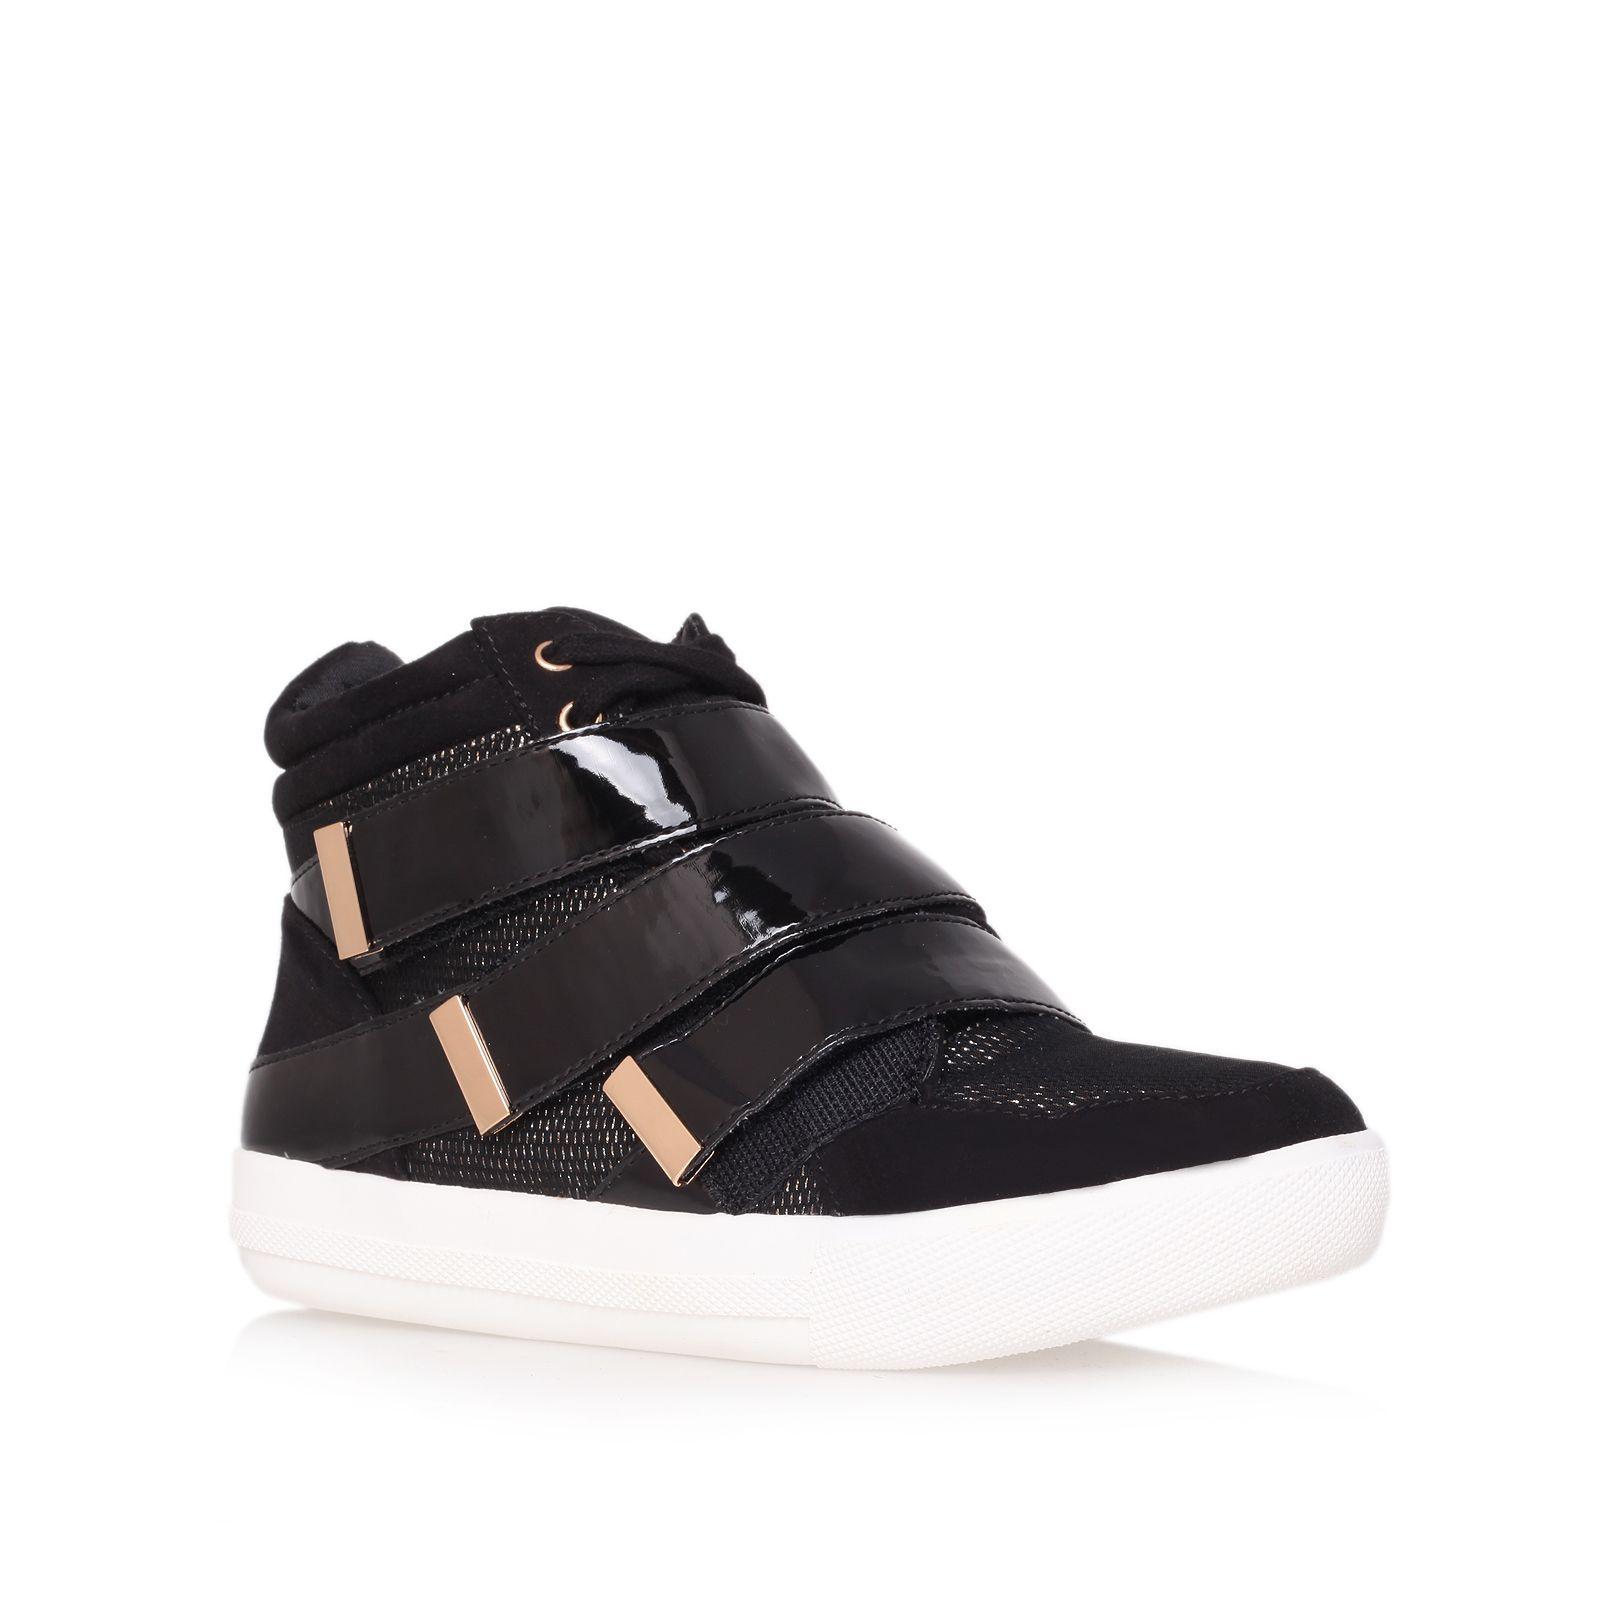 carvela kurt geiger listen trainer shoes in black for